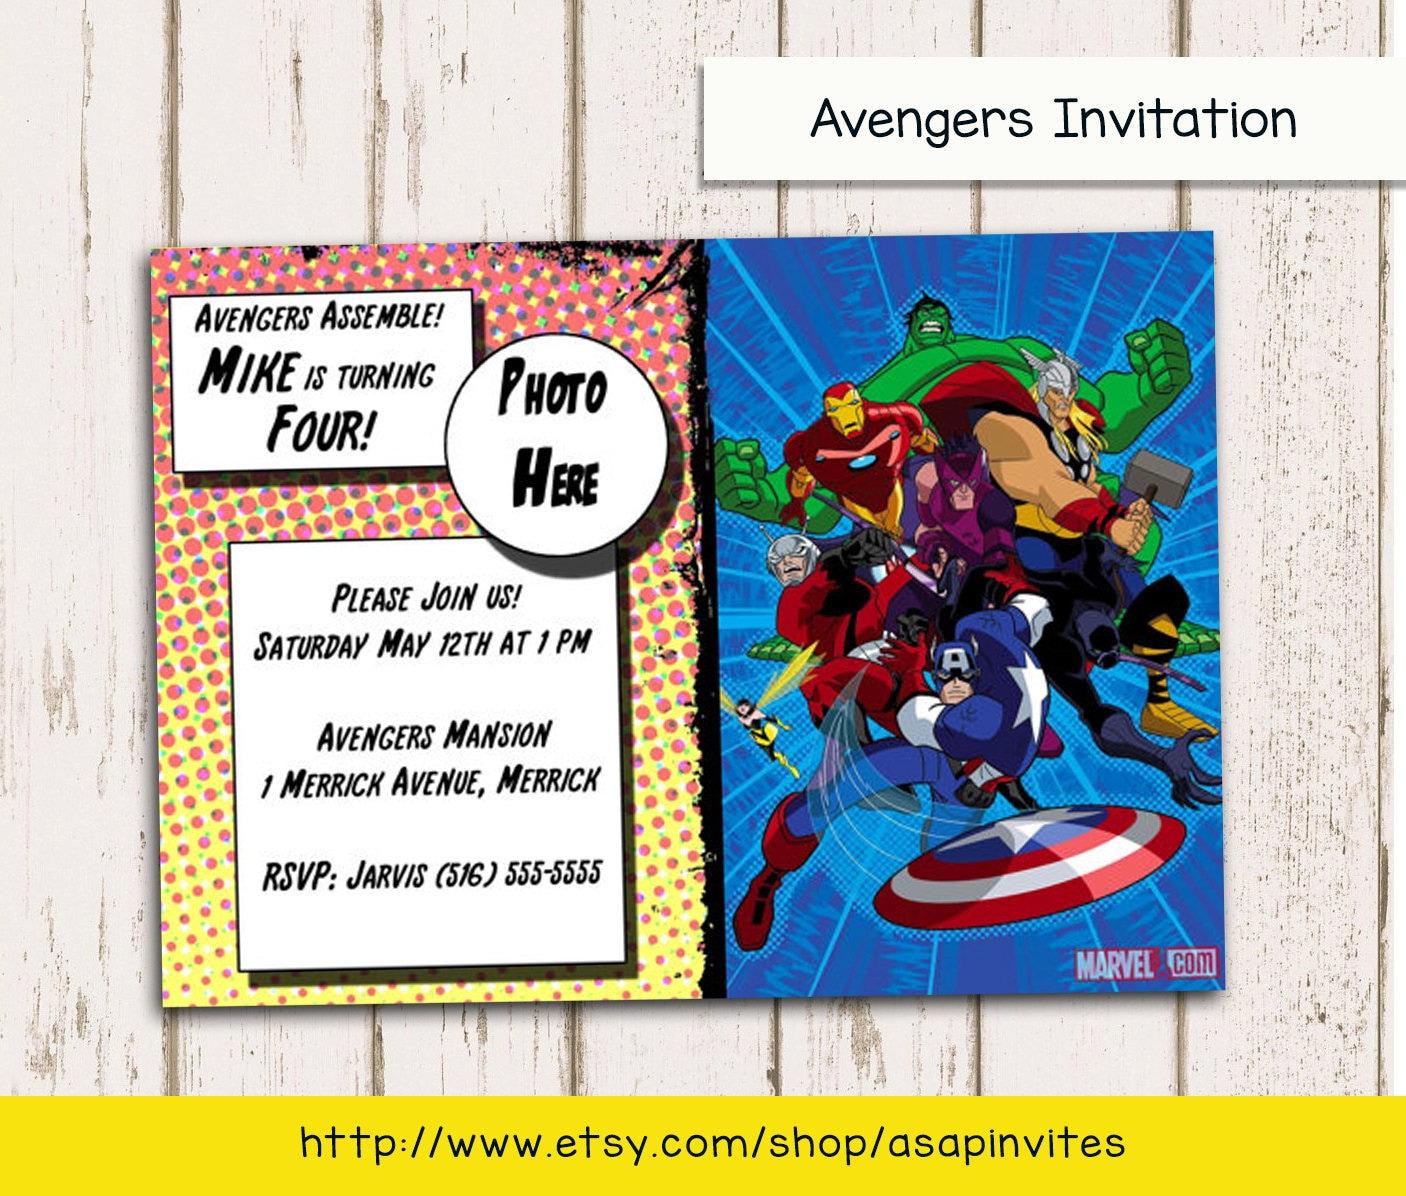 Superhelden Superhelden-Geburtstags-Party Avengers Super